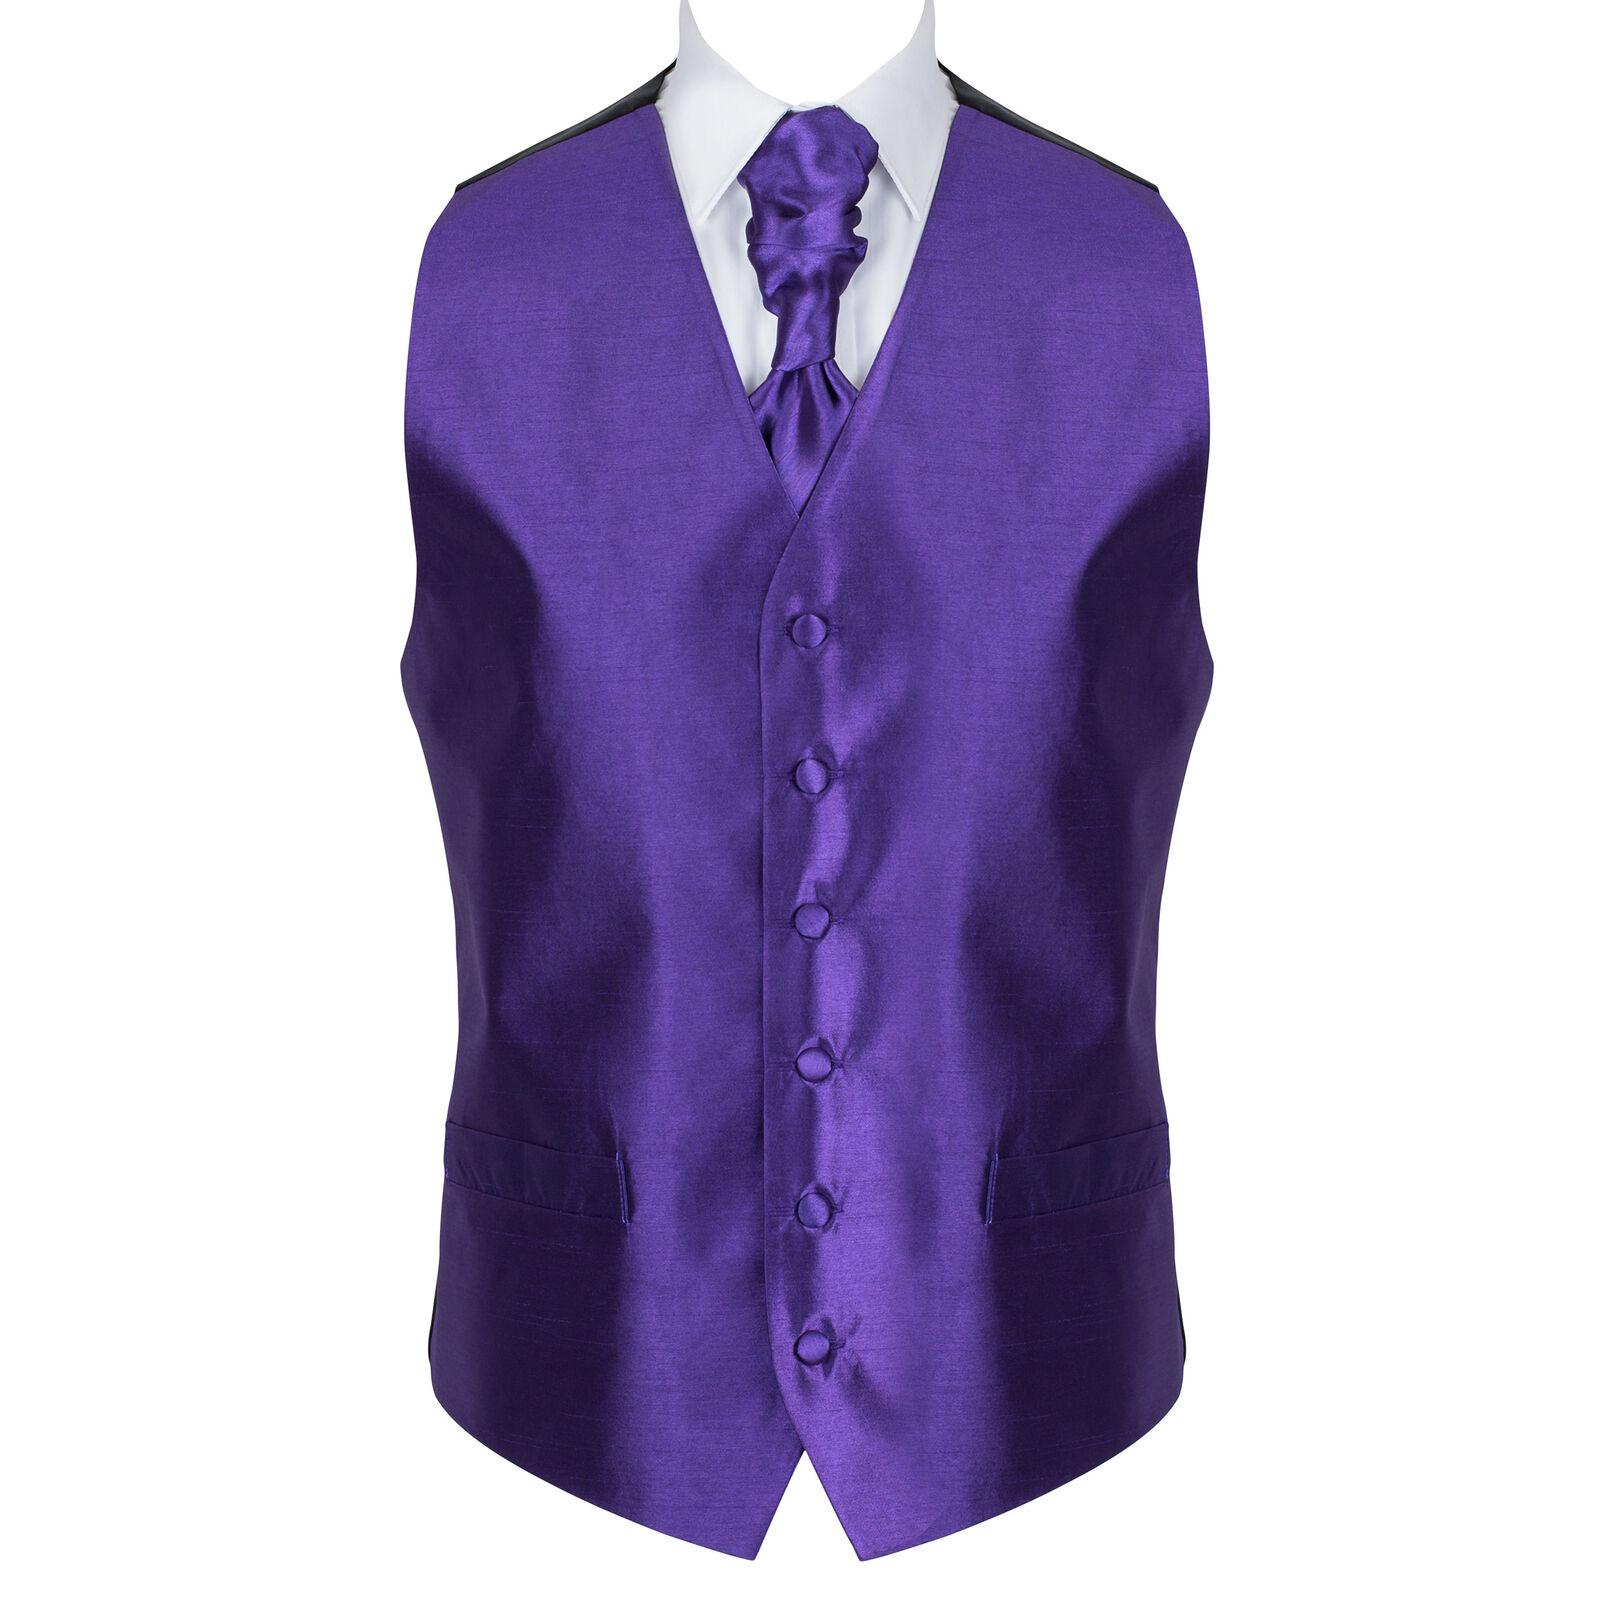 UK Men's Plum Purple Wedding Waistcoat Plain 6 Button Jacquard Suit Vest Tailore